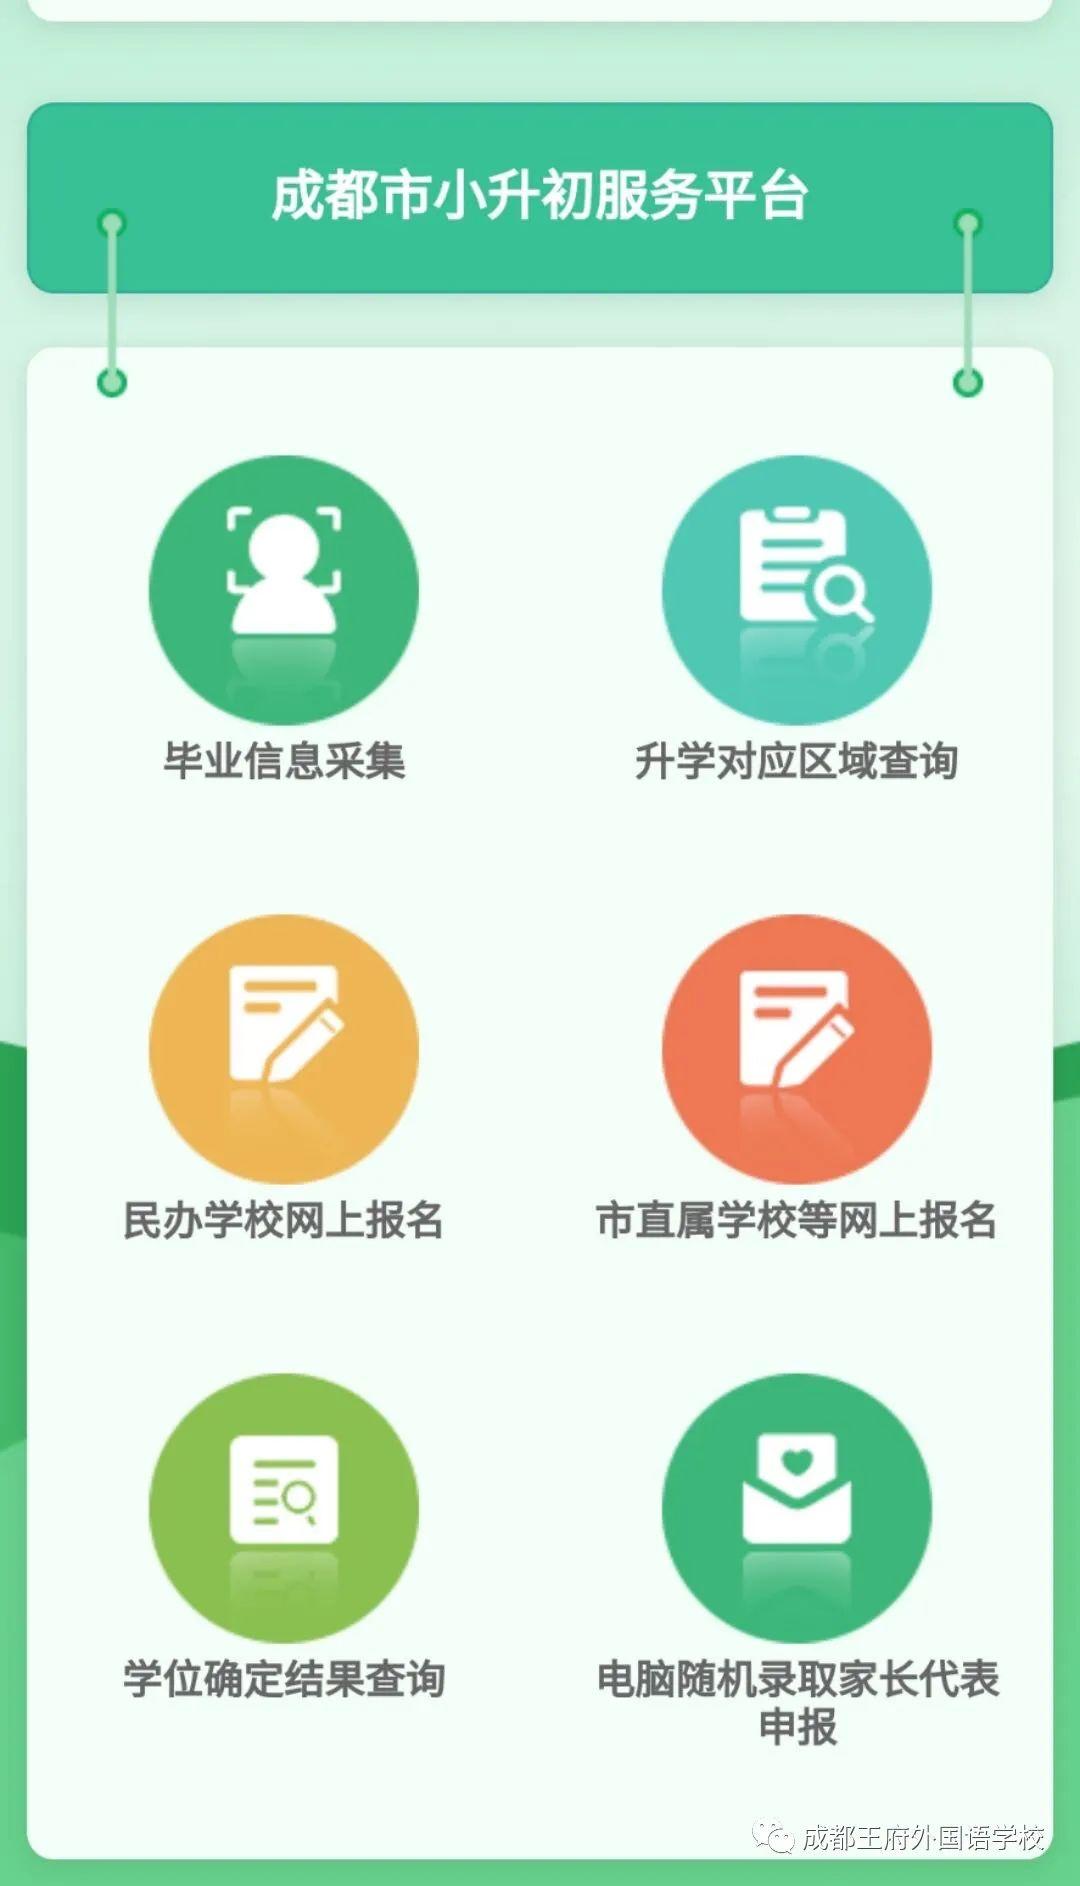 重点关注!2020年成都王府外国语学校新初一网上报名指南